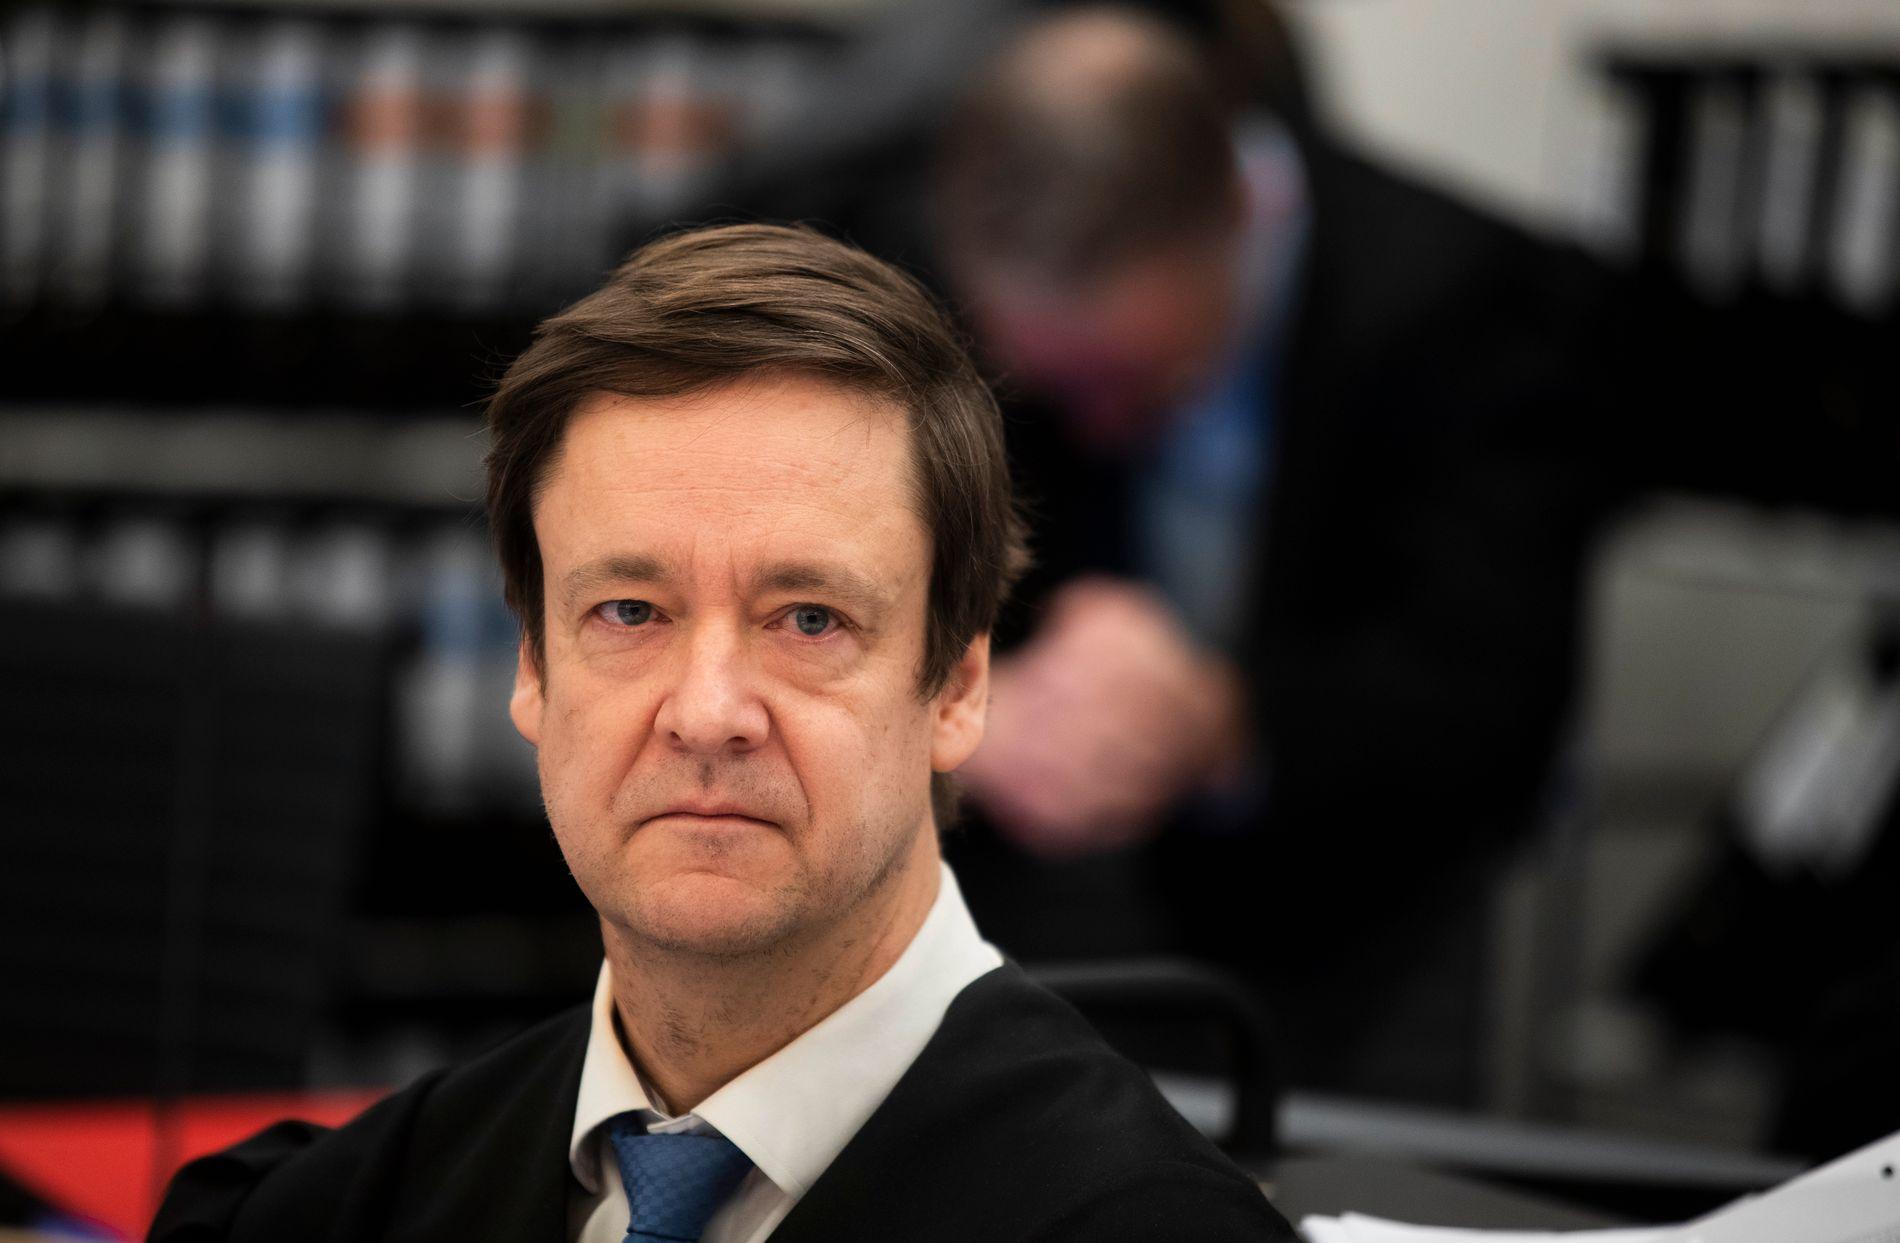 FØRTE SAKEN: Advokat John Christian Elden har ført sexdukkesaken for Høyesterett. Landets øverste domstol fastslår at slike dukker i barnestørrelse er straffbare å importere og eie.